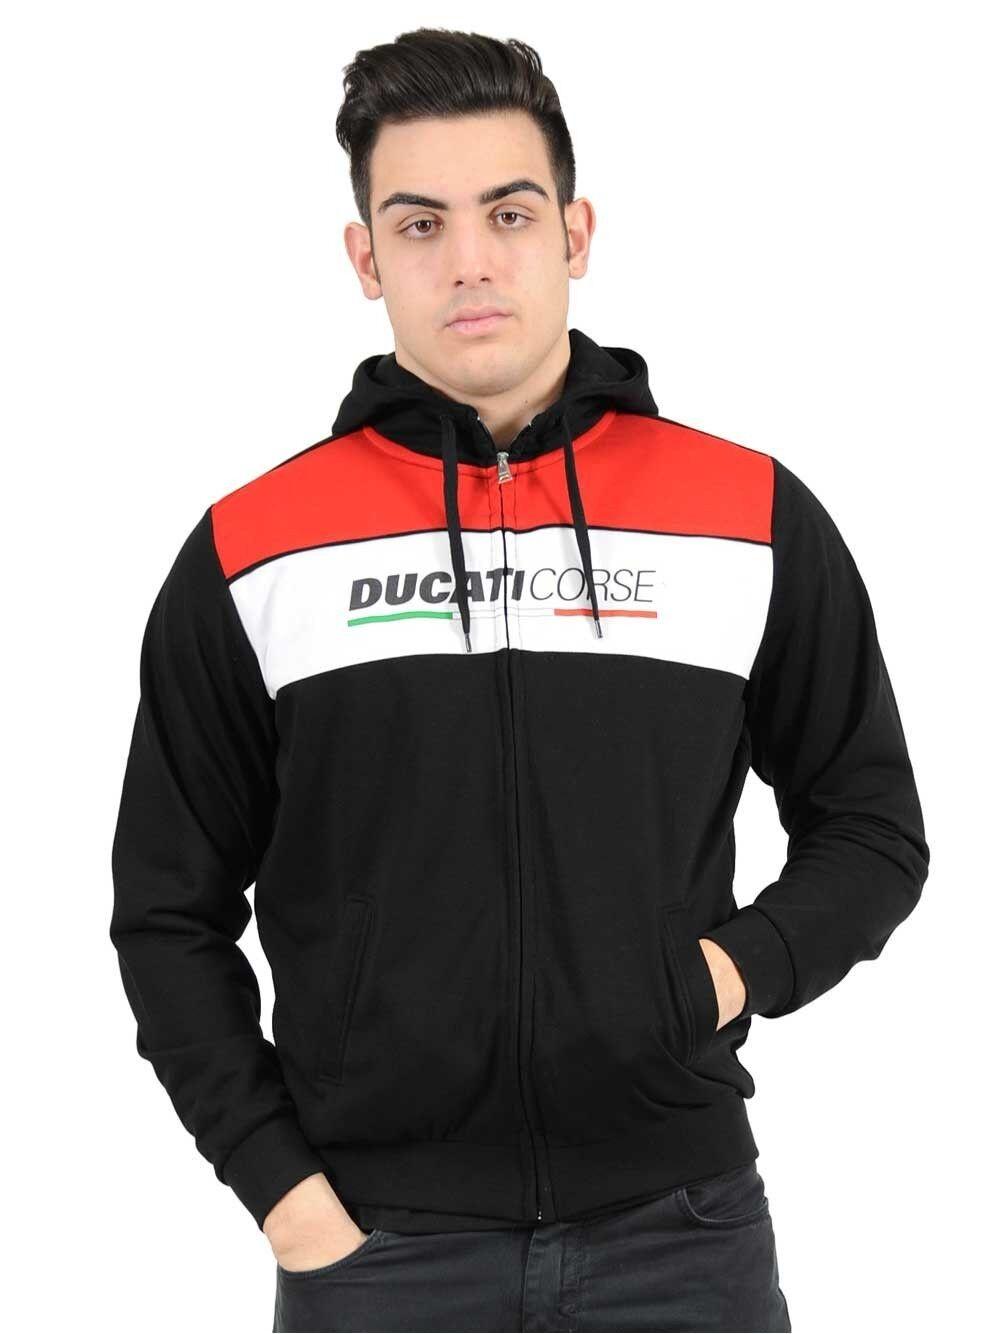 Official Ducati Corse Schwarz Reißverschluss Kapuze - 16 26005